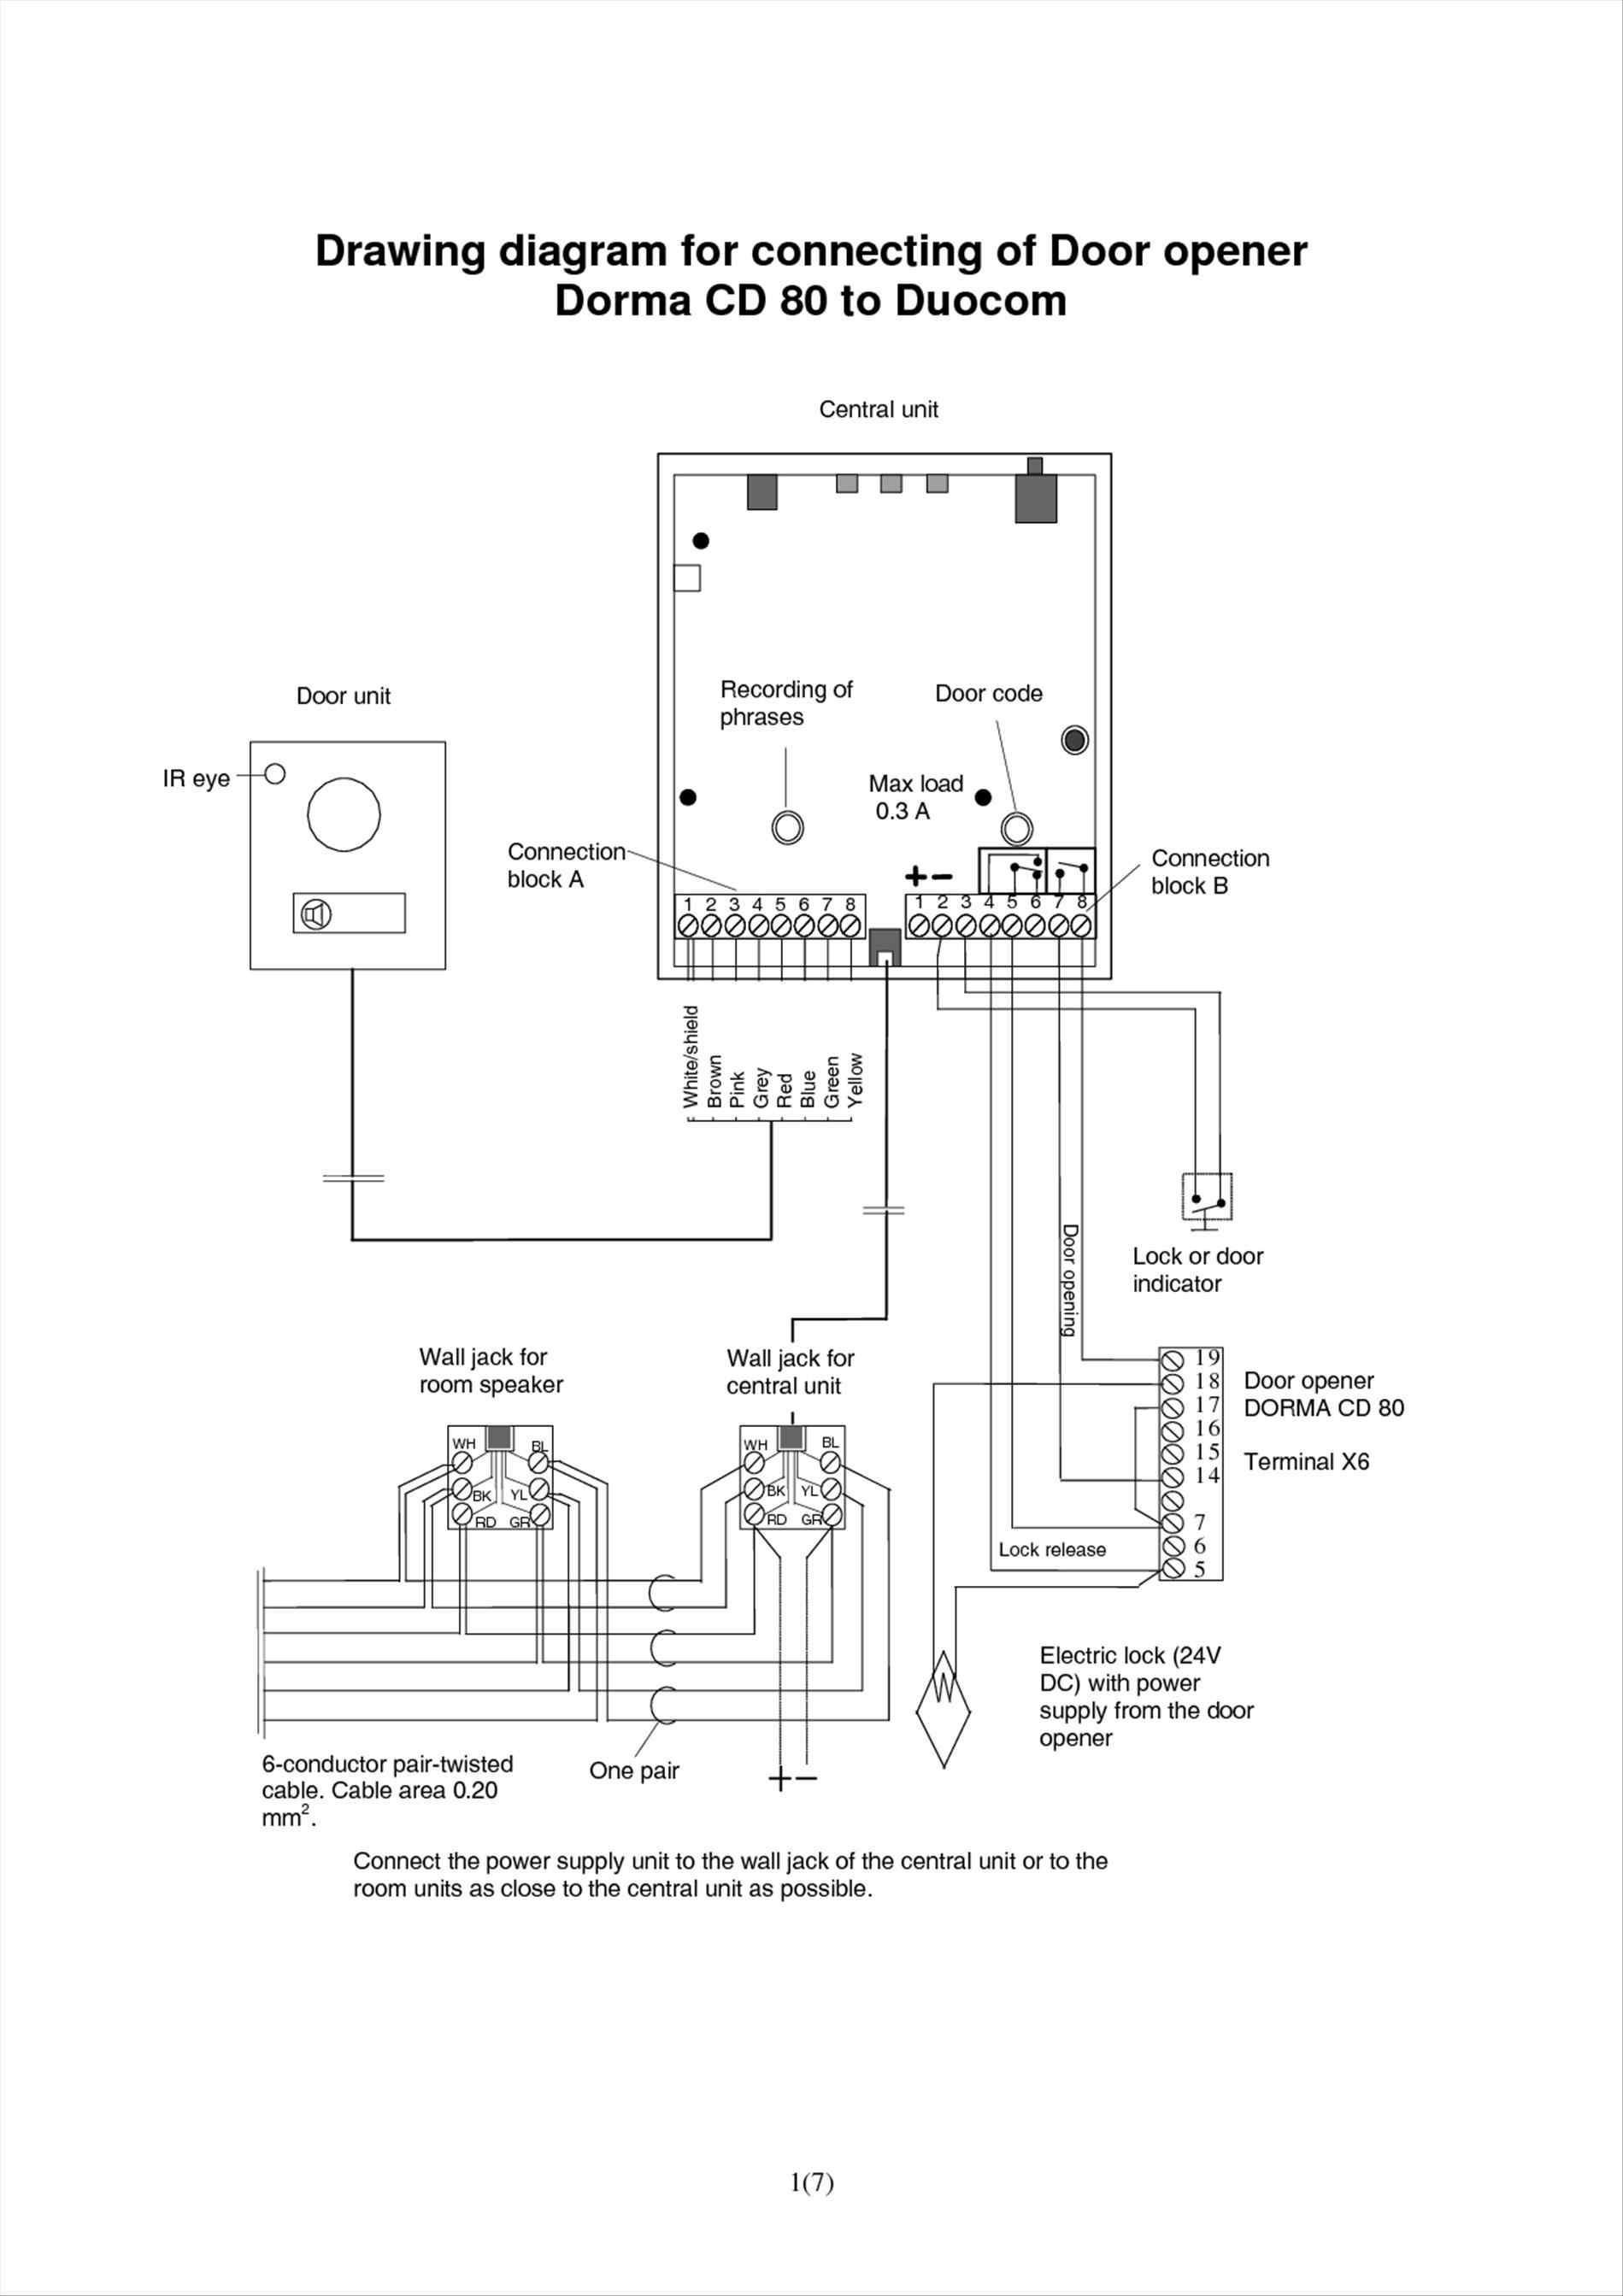 genie garage door sensor wiring diagram Collection-Genie Garage Door Opener Sensor Wiring Diagramgarage Doors 33 For 14-g